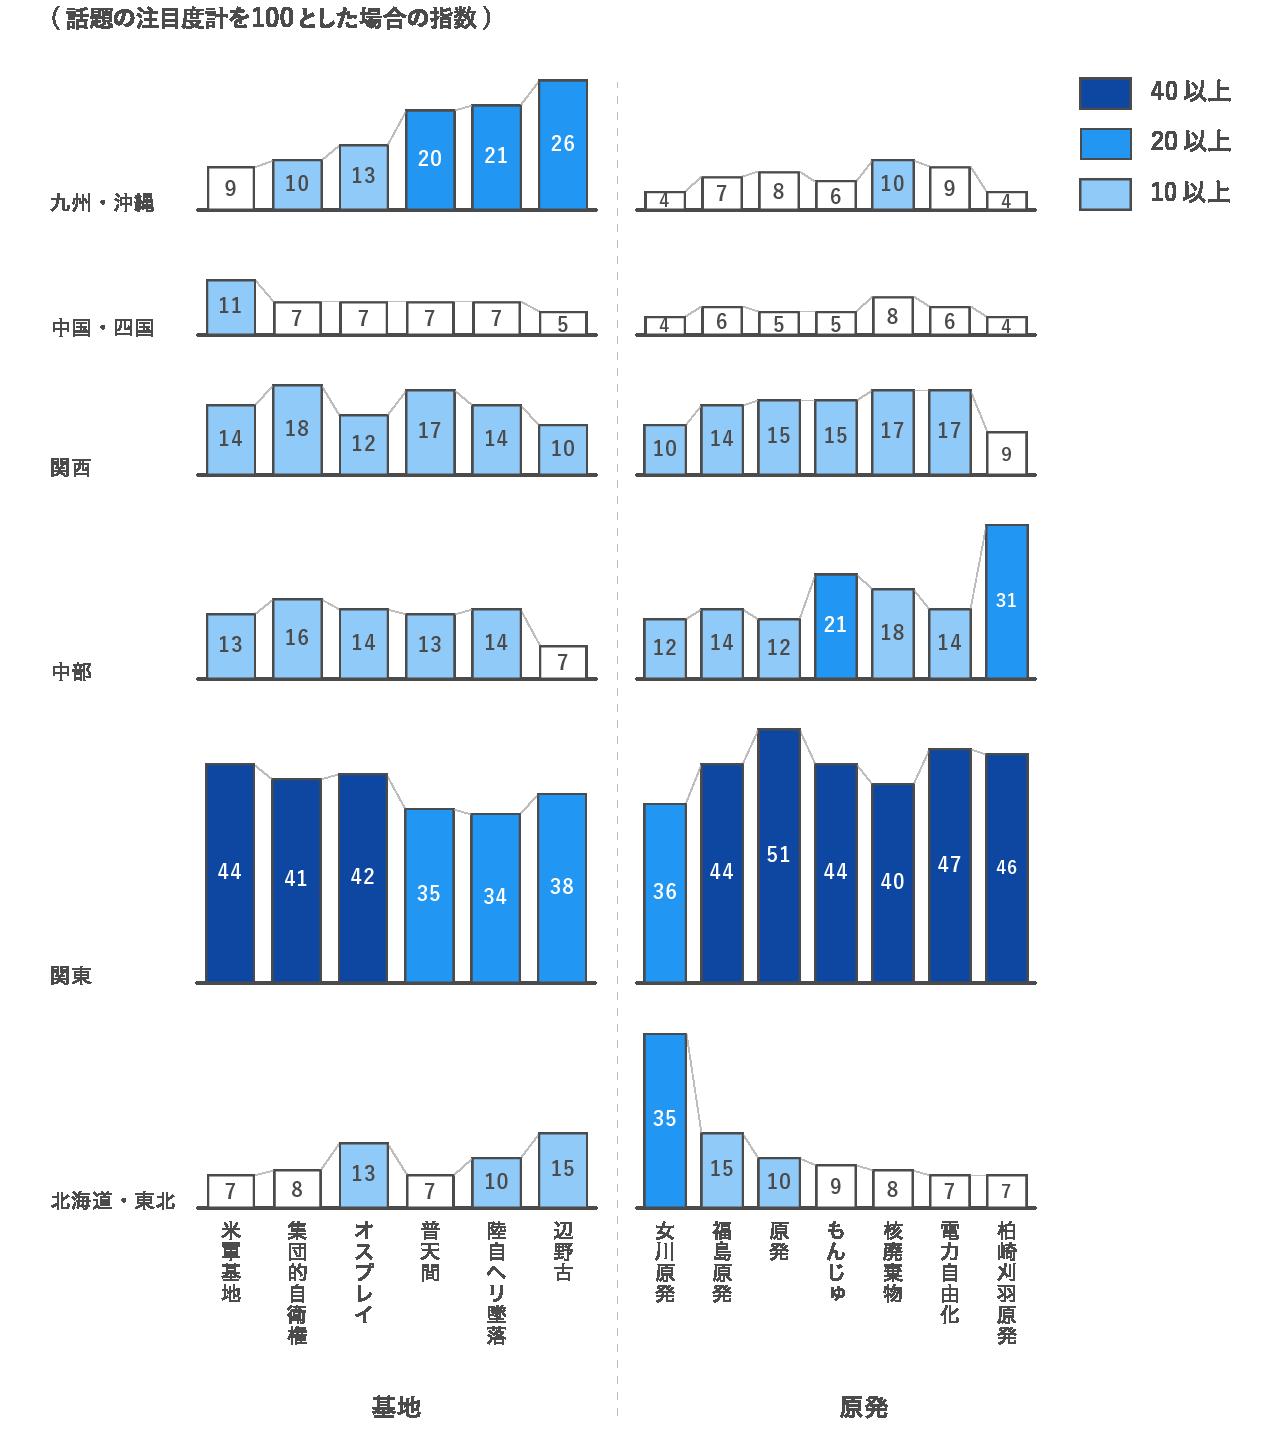 基地問題と原発問題の話題は地域性が非常に強いことを表したグラフ